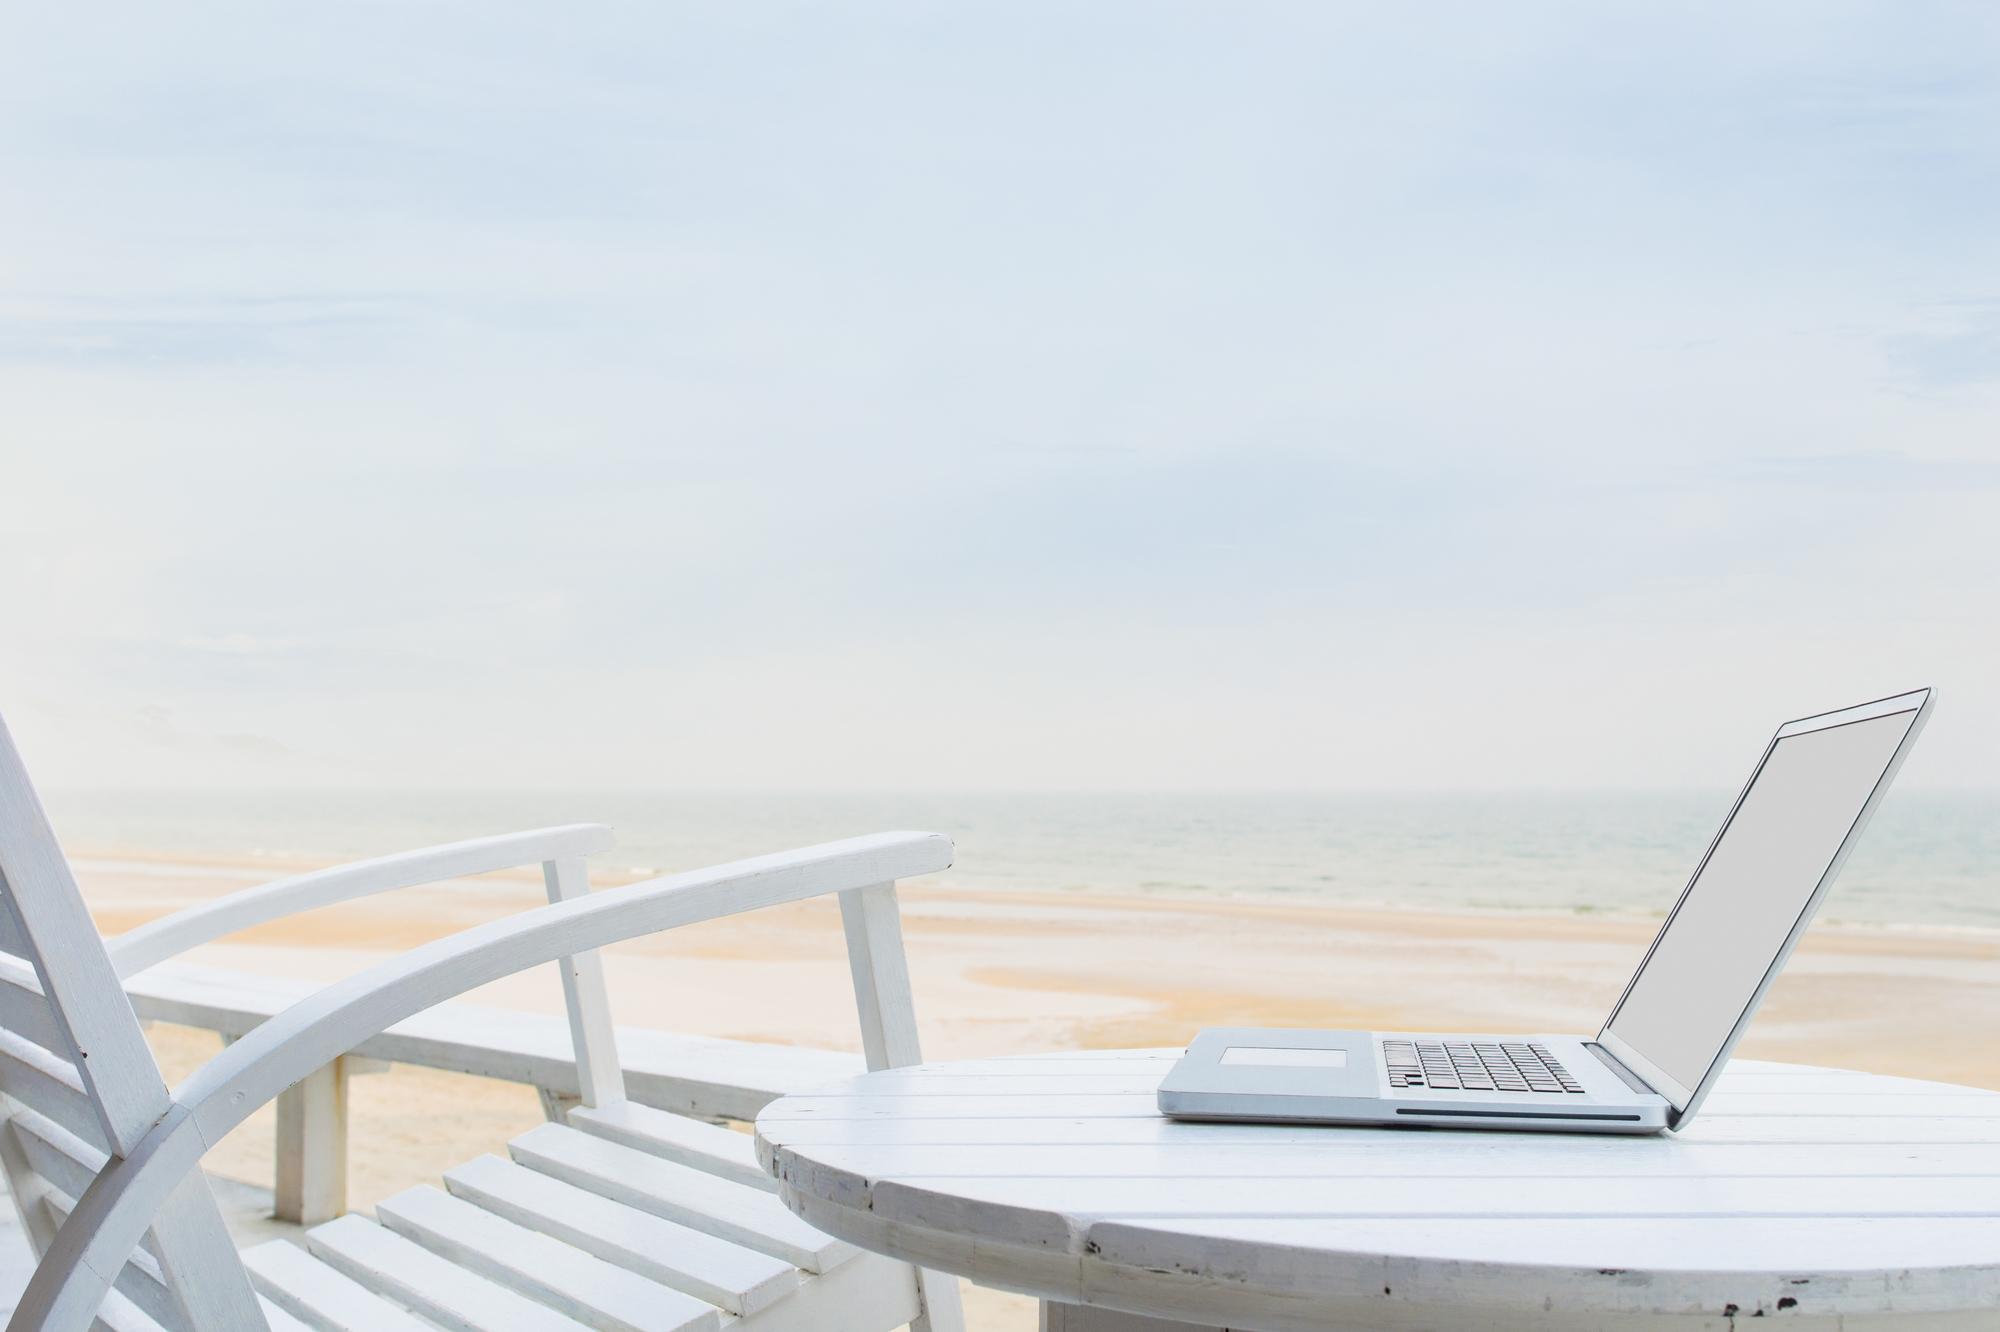 リモートワークでオフィス不要の未来?新しいオフィスのカタチを考える|TIME SHARING|タイムシェアリング|スペースマネジメント|あどばる|adval|SHARING